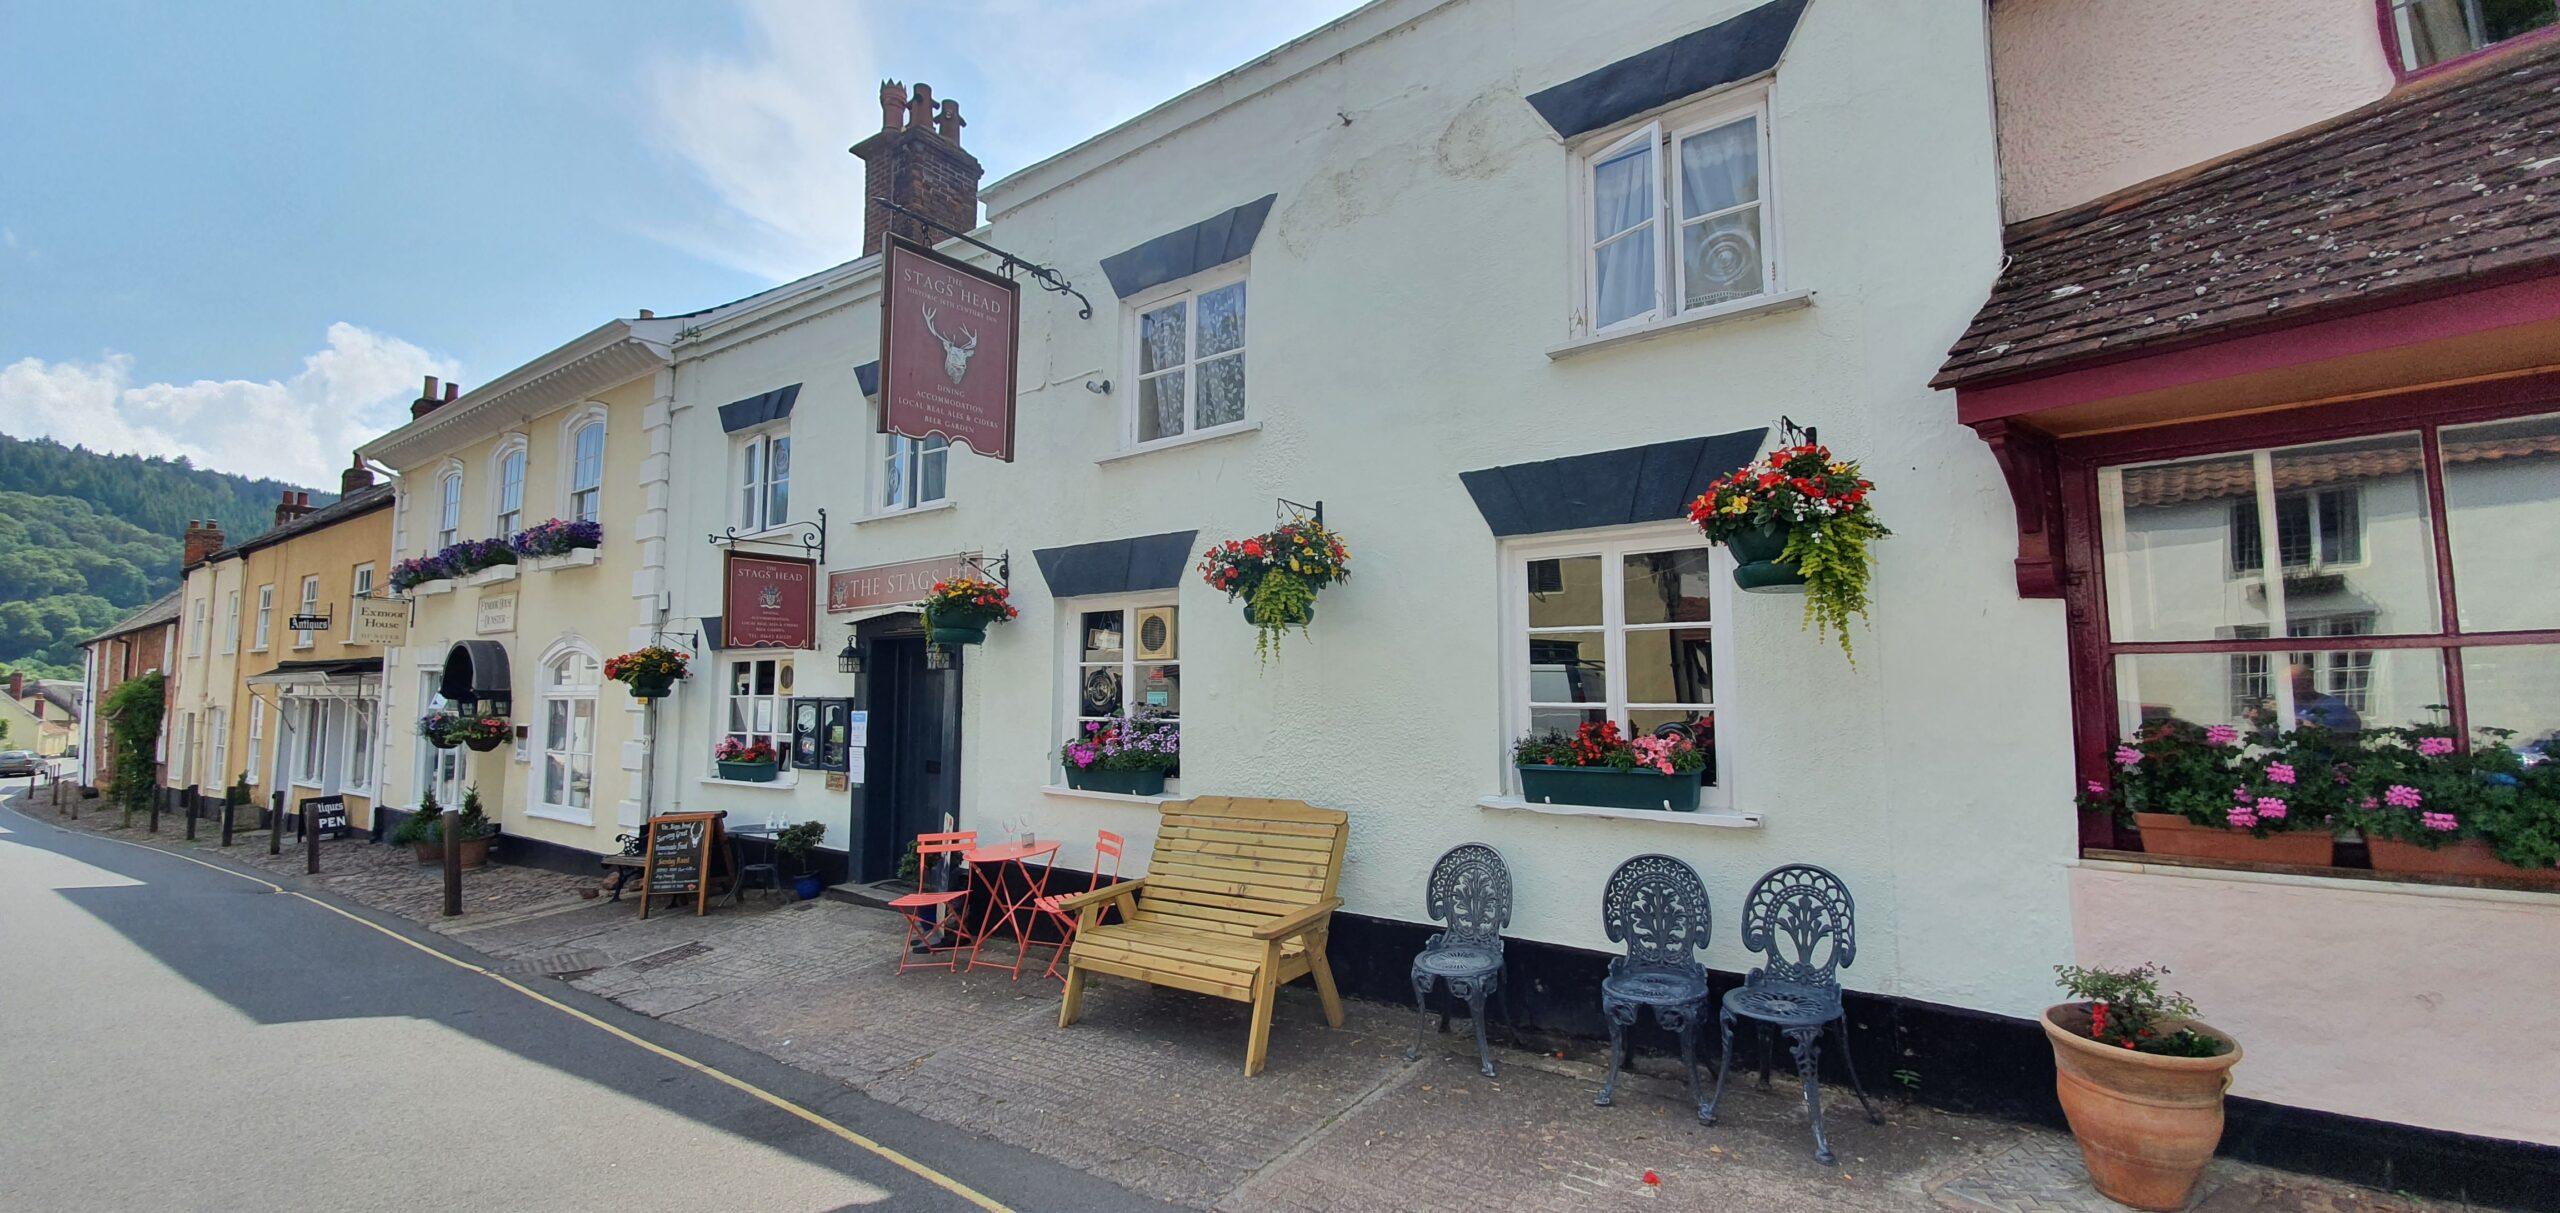 The Stags Head Inn